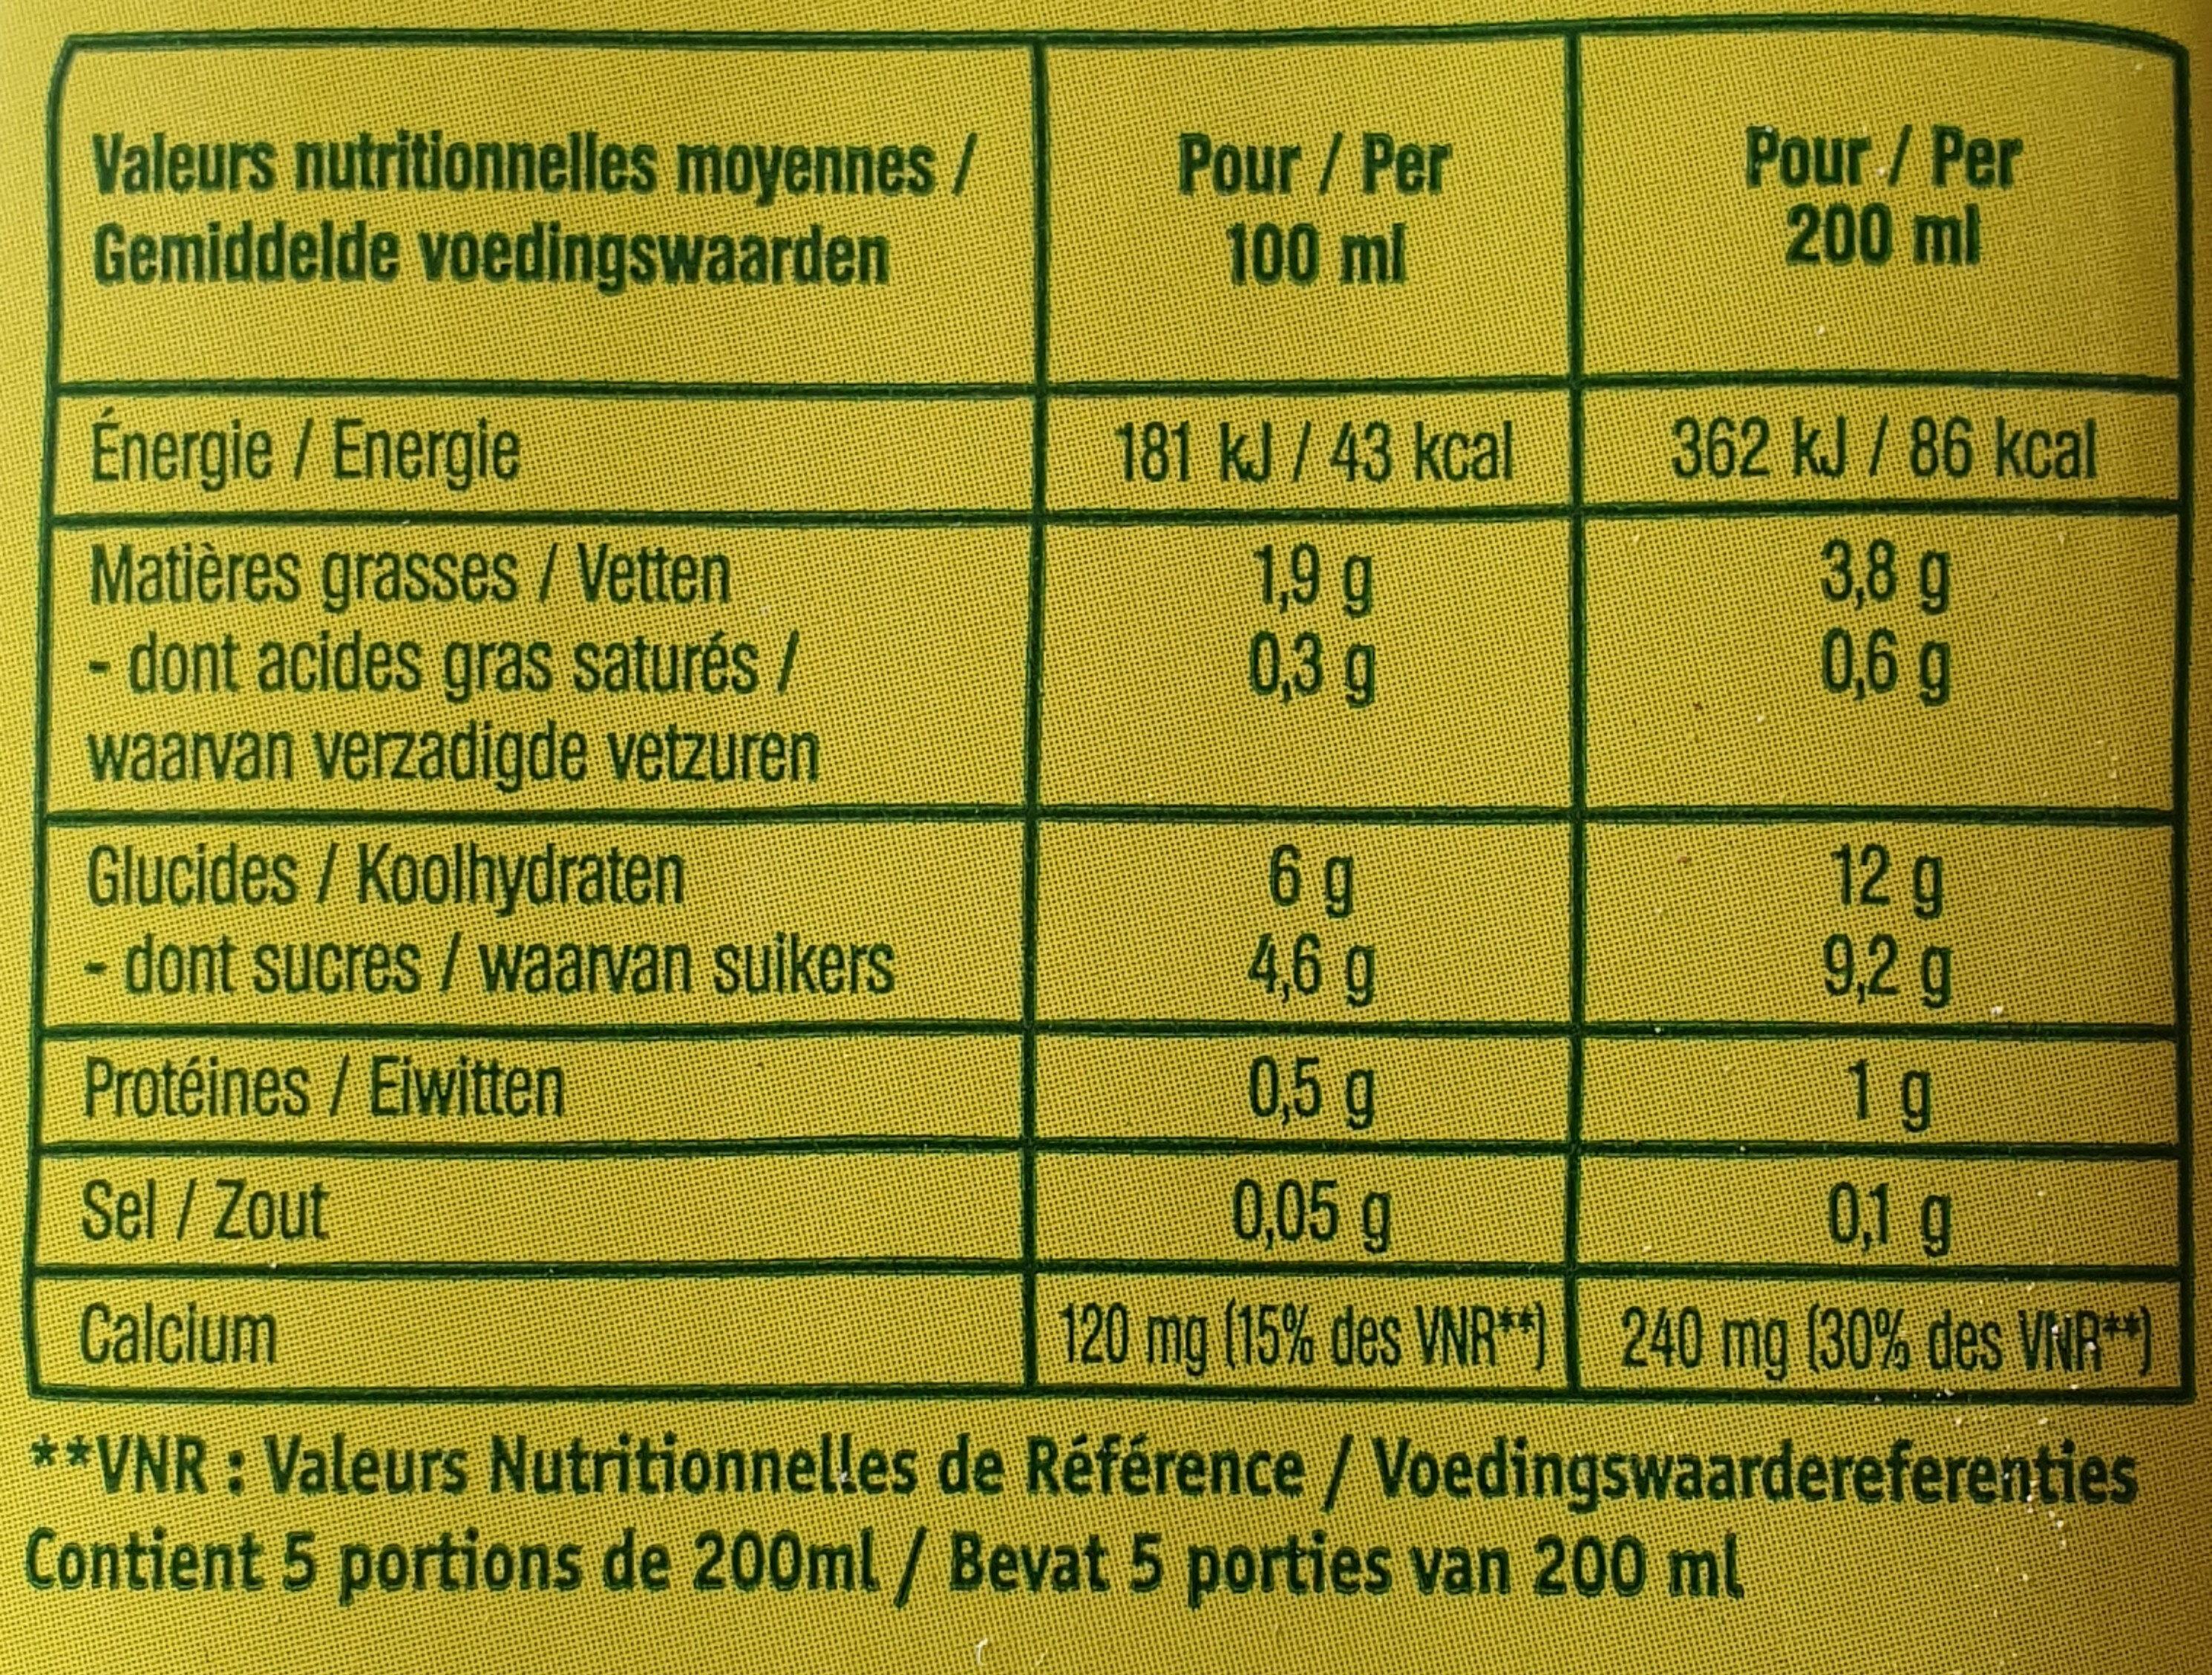 DOUCEUR AMANDE VANILLE - Informations nutritionnelles - fr